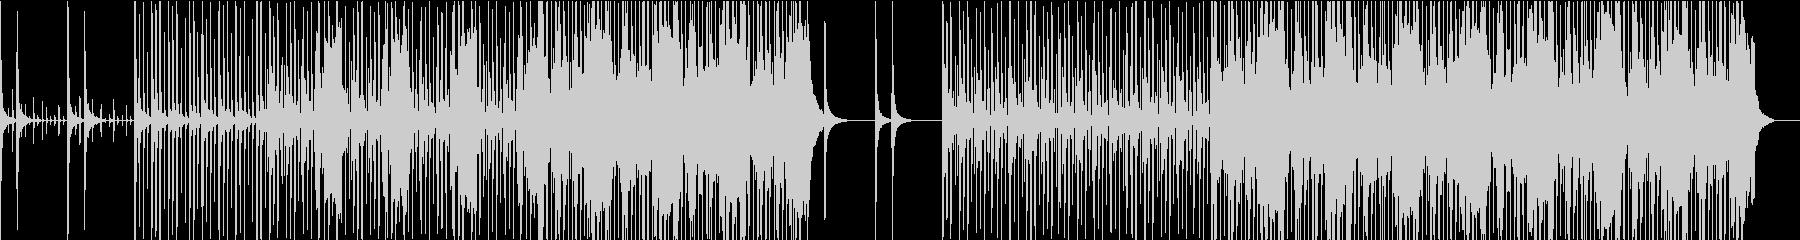 軽快なビートに切ない雰囲気のHIphopの未再生の波形